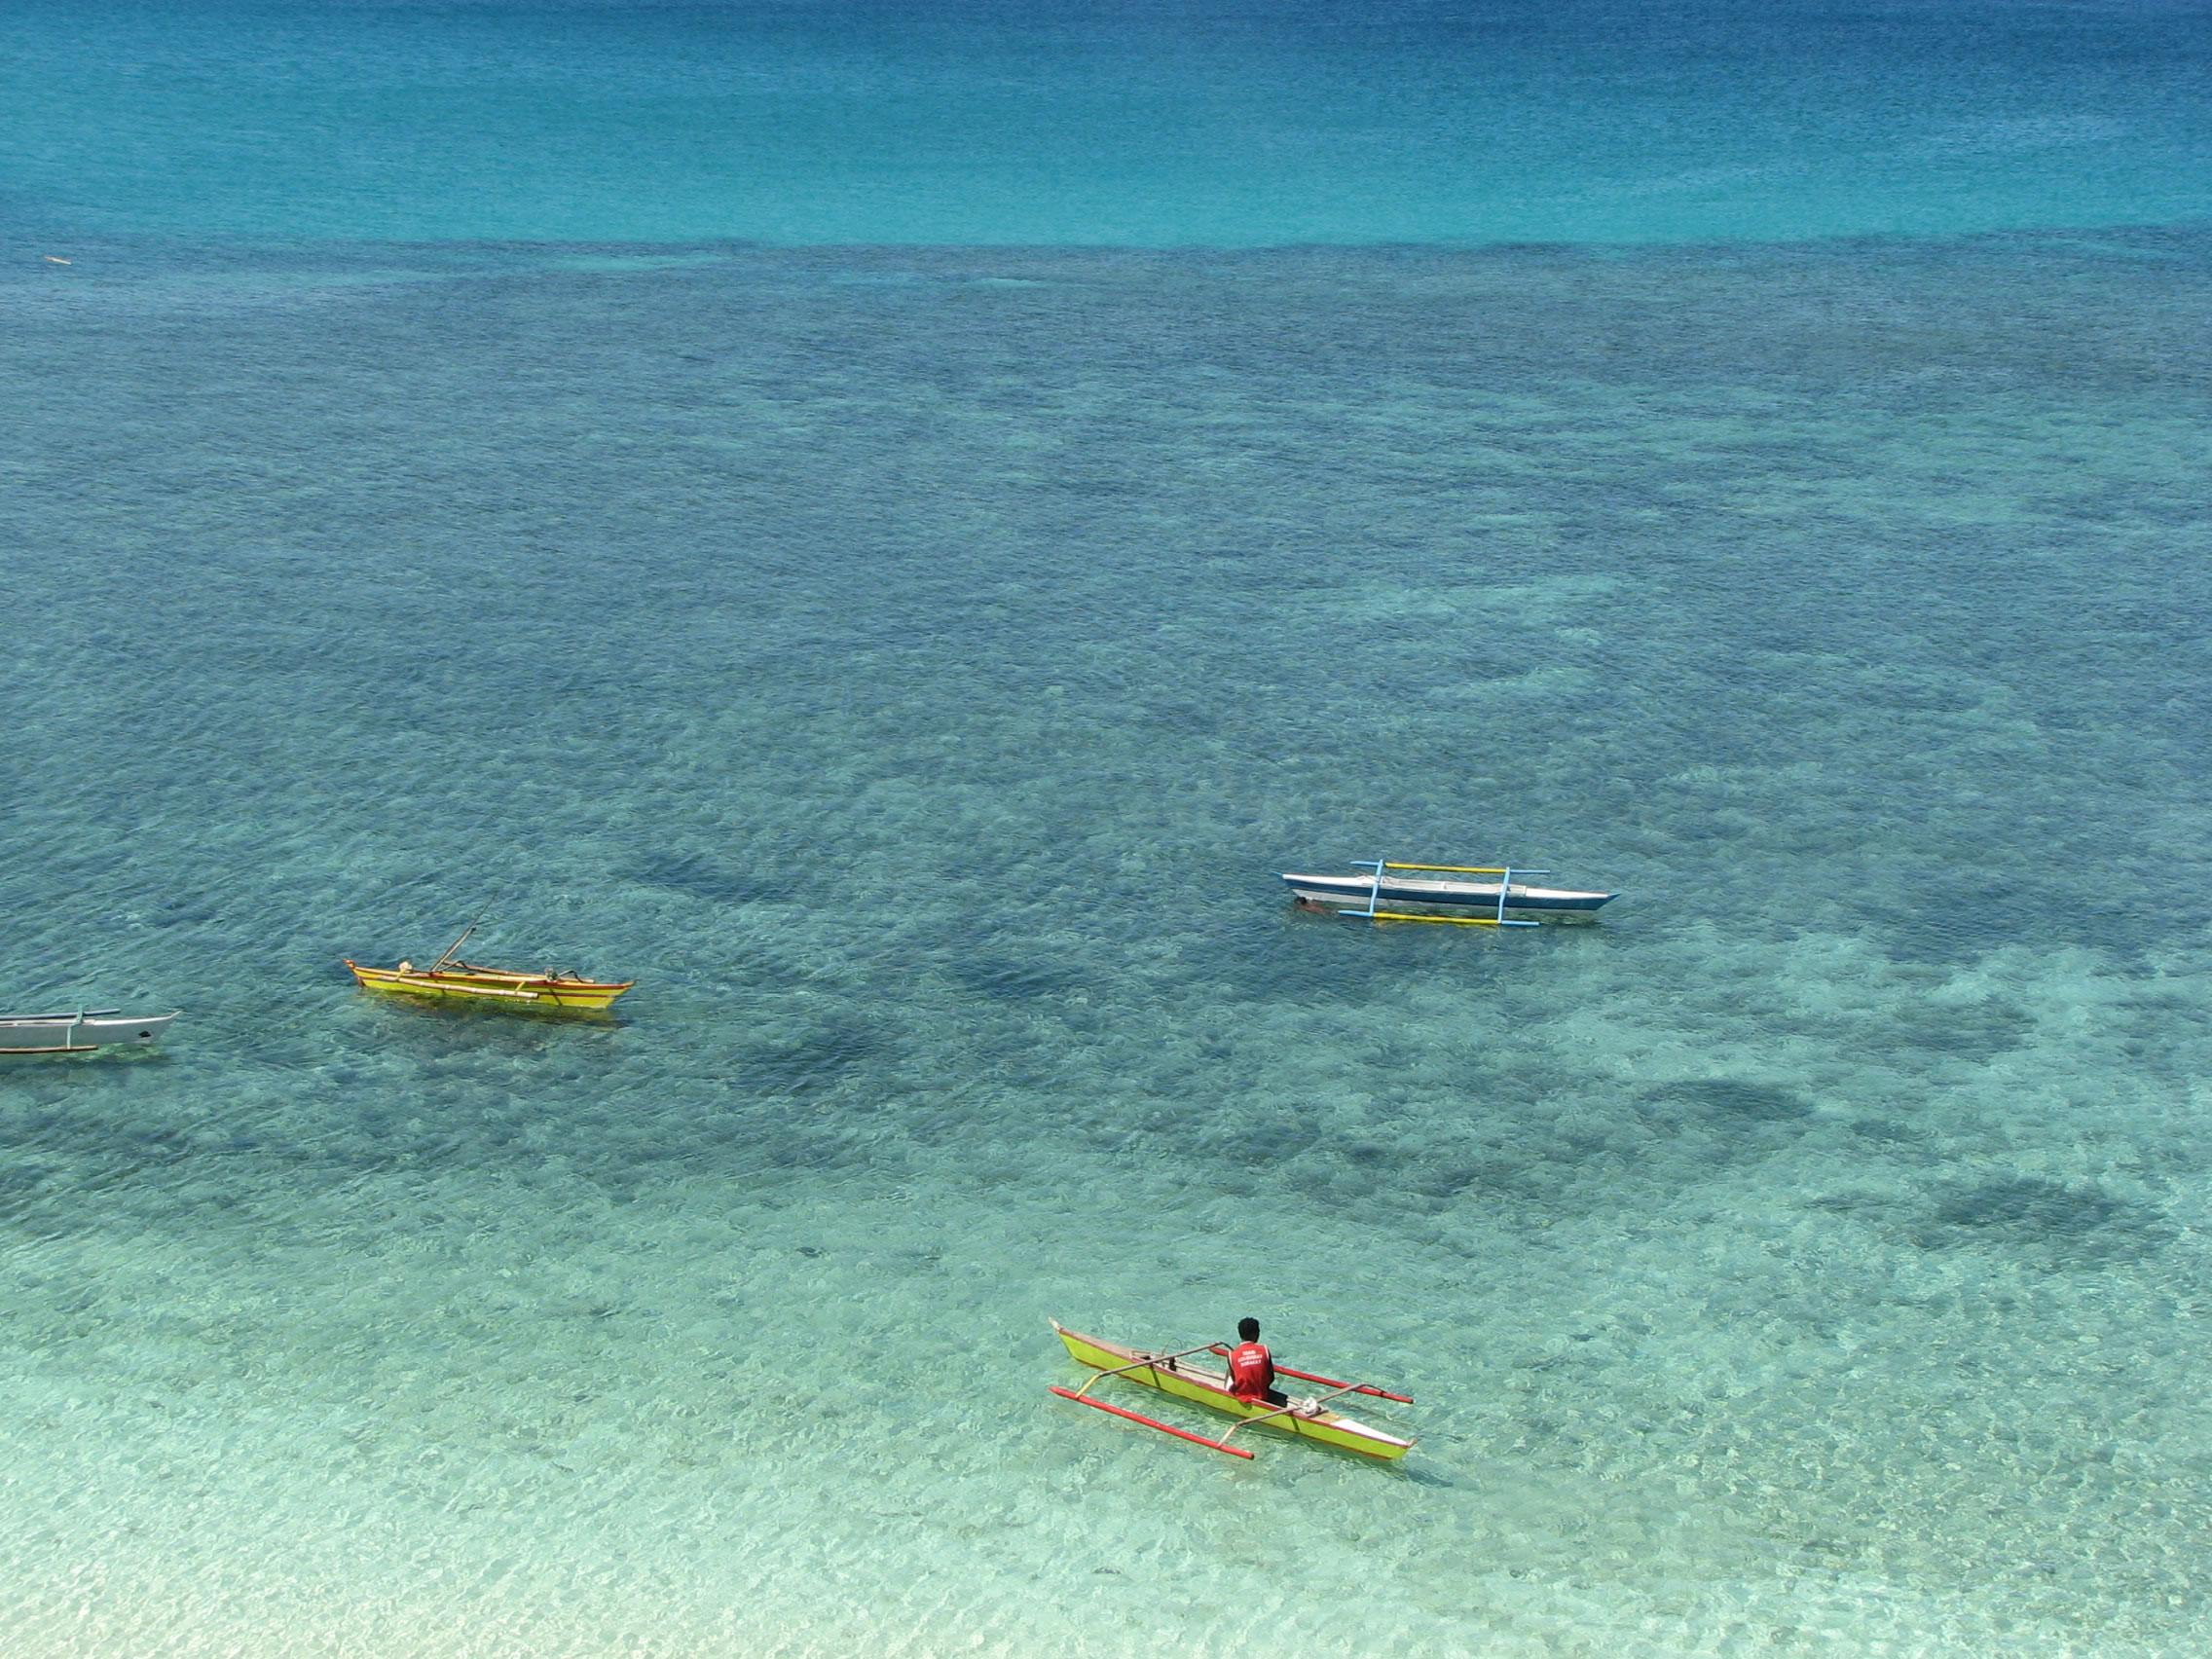 Philippines Sugar Islands Caticlan Boracay Resorts Fairways Ilig iligan beach May 2007 04